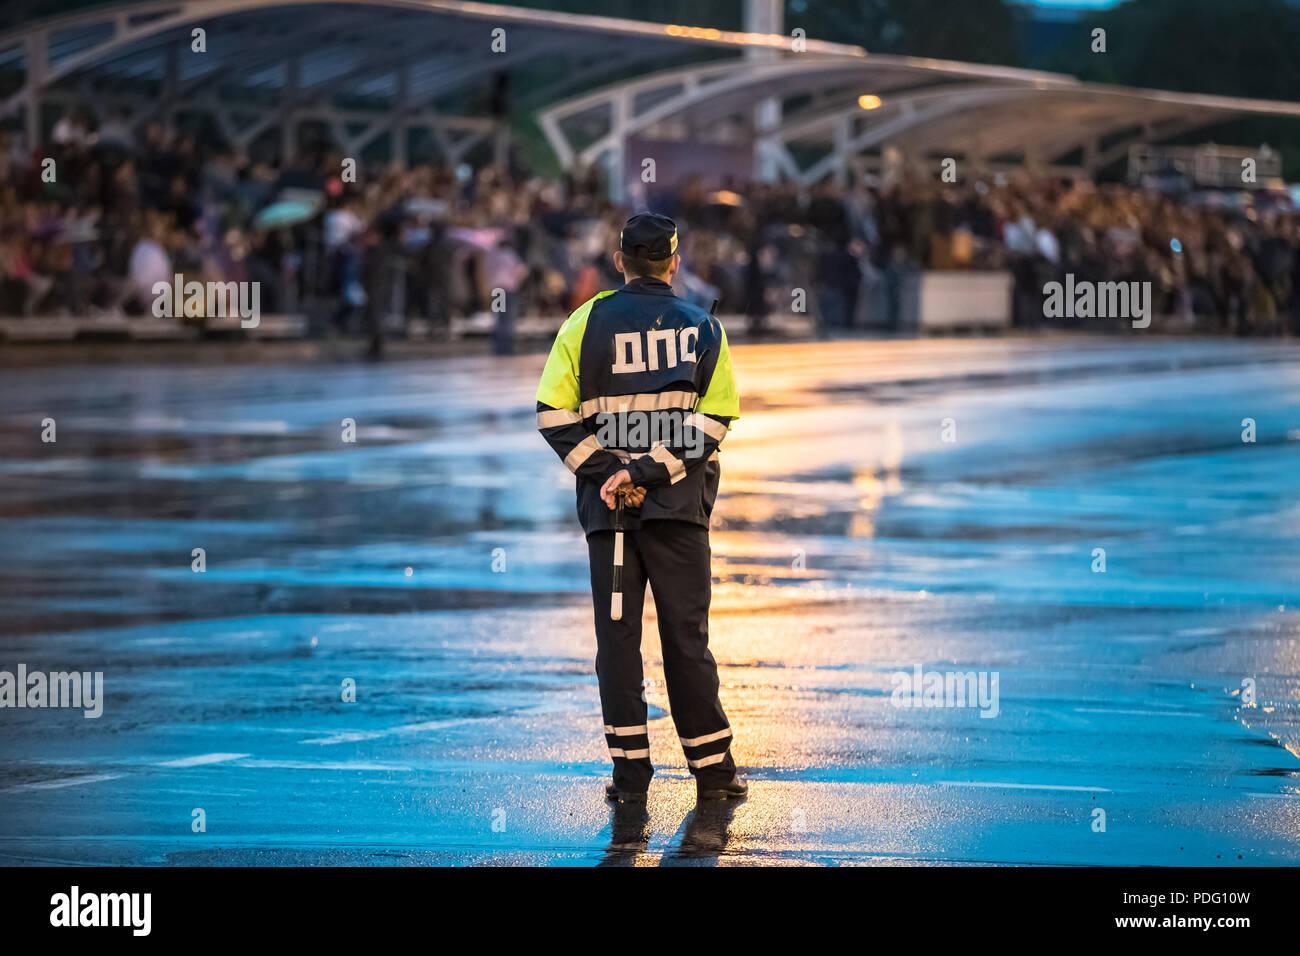 Minsk, Belarus. Agent de police de circulation routière Inspecteur policier régule le trafic sur la répétition de la Parade avant la célébration de l'indépendance Jour De Bel Photo Stock